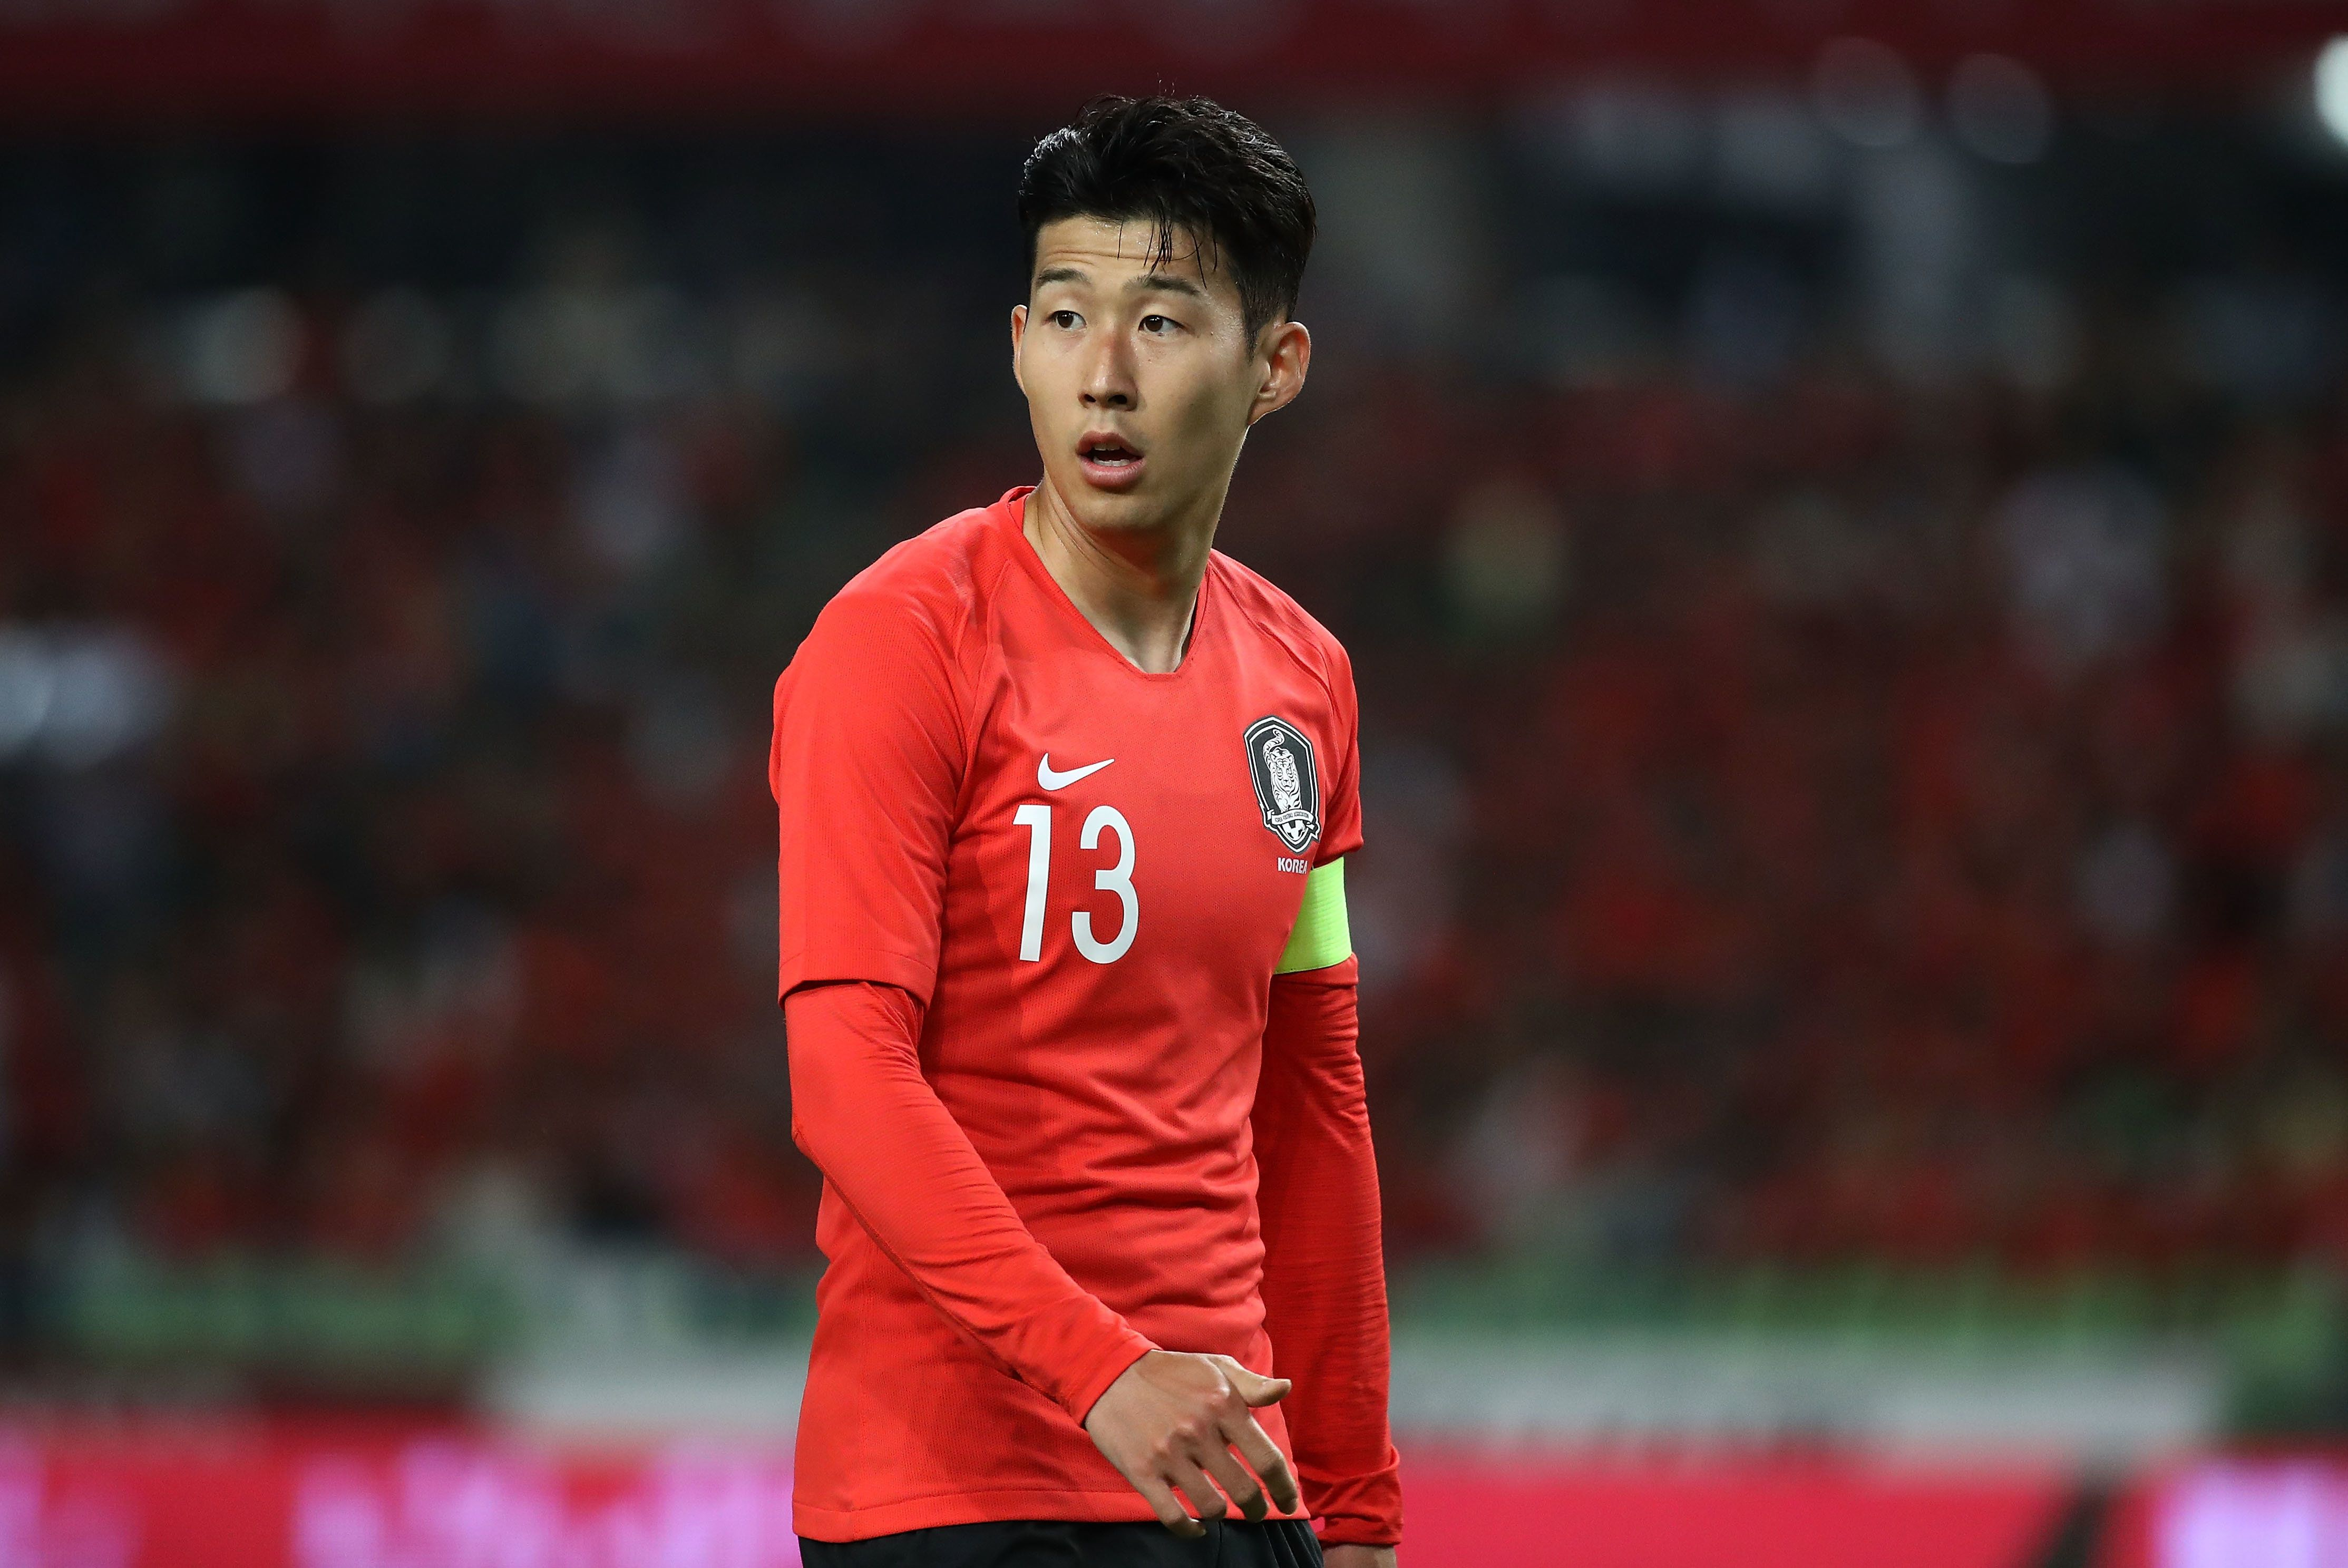 2018 러시아 월드컵 한국 대표팀 경기일정은 이렇다